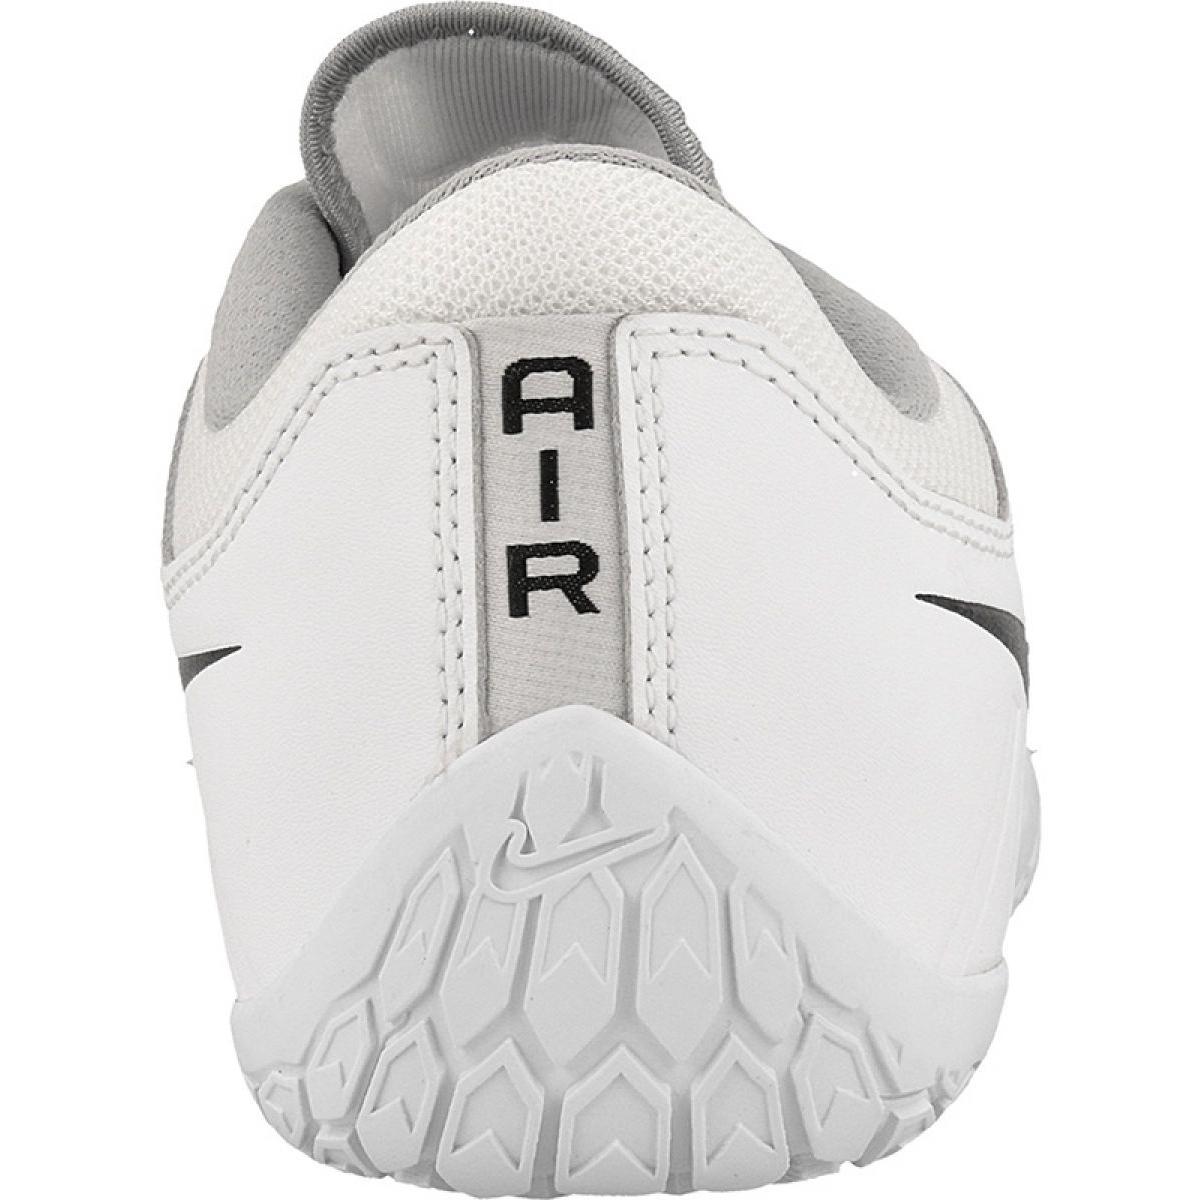 Training shoes Nike Air Pernix M 818970